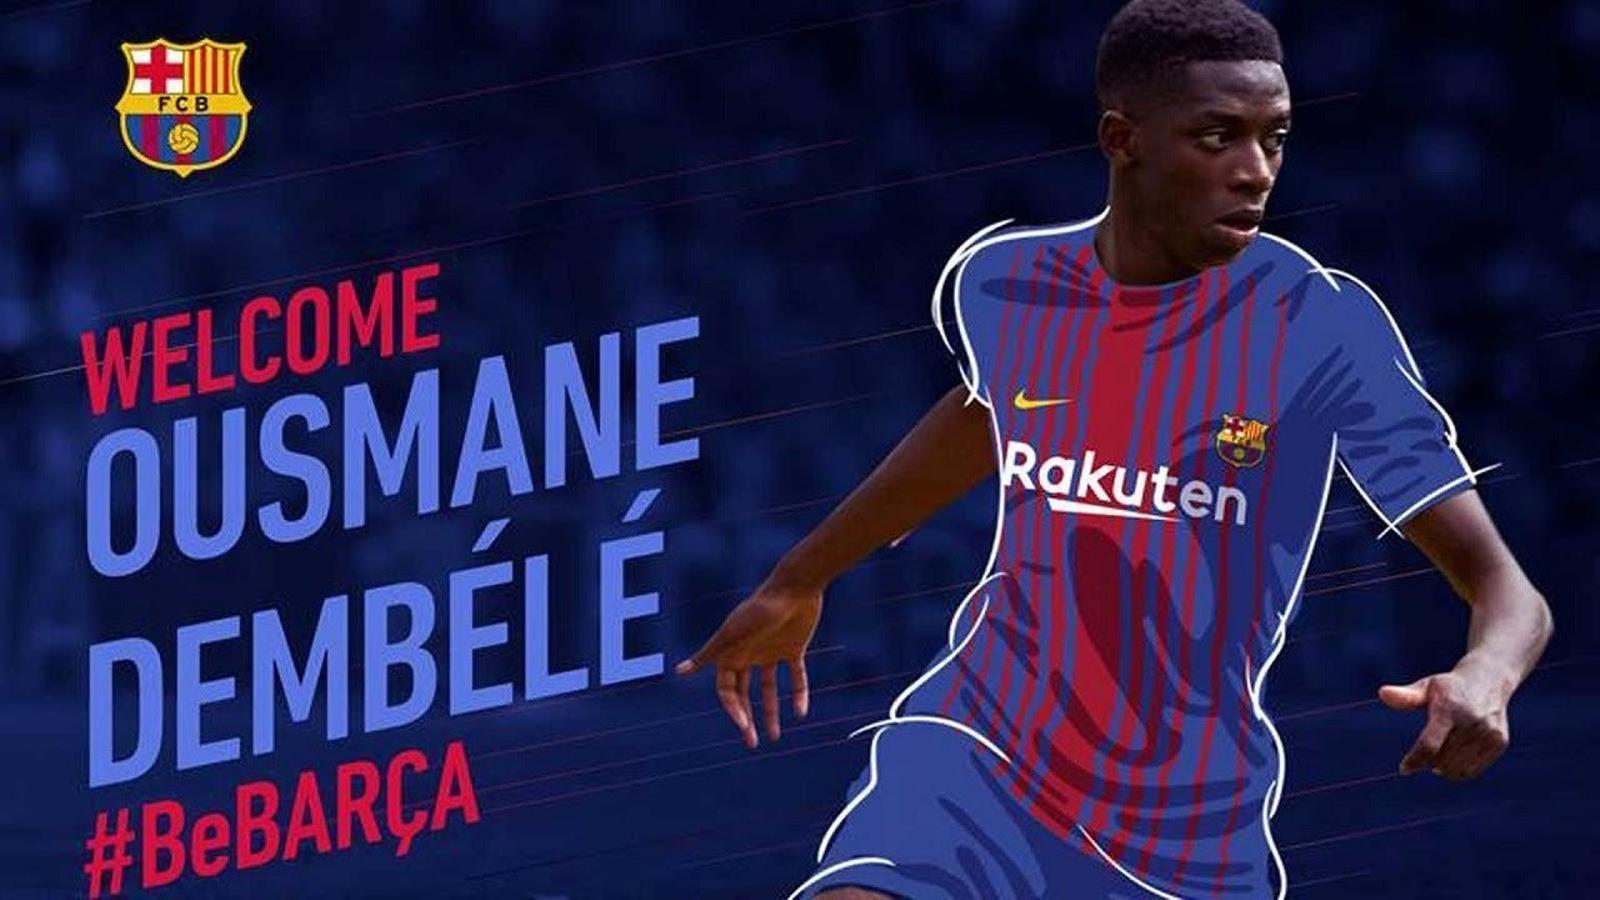 EN DIRECTE Presentació Dembélé com a nou jugador del Barça